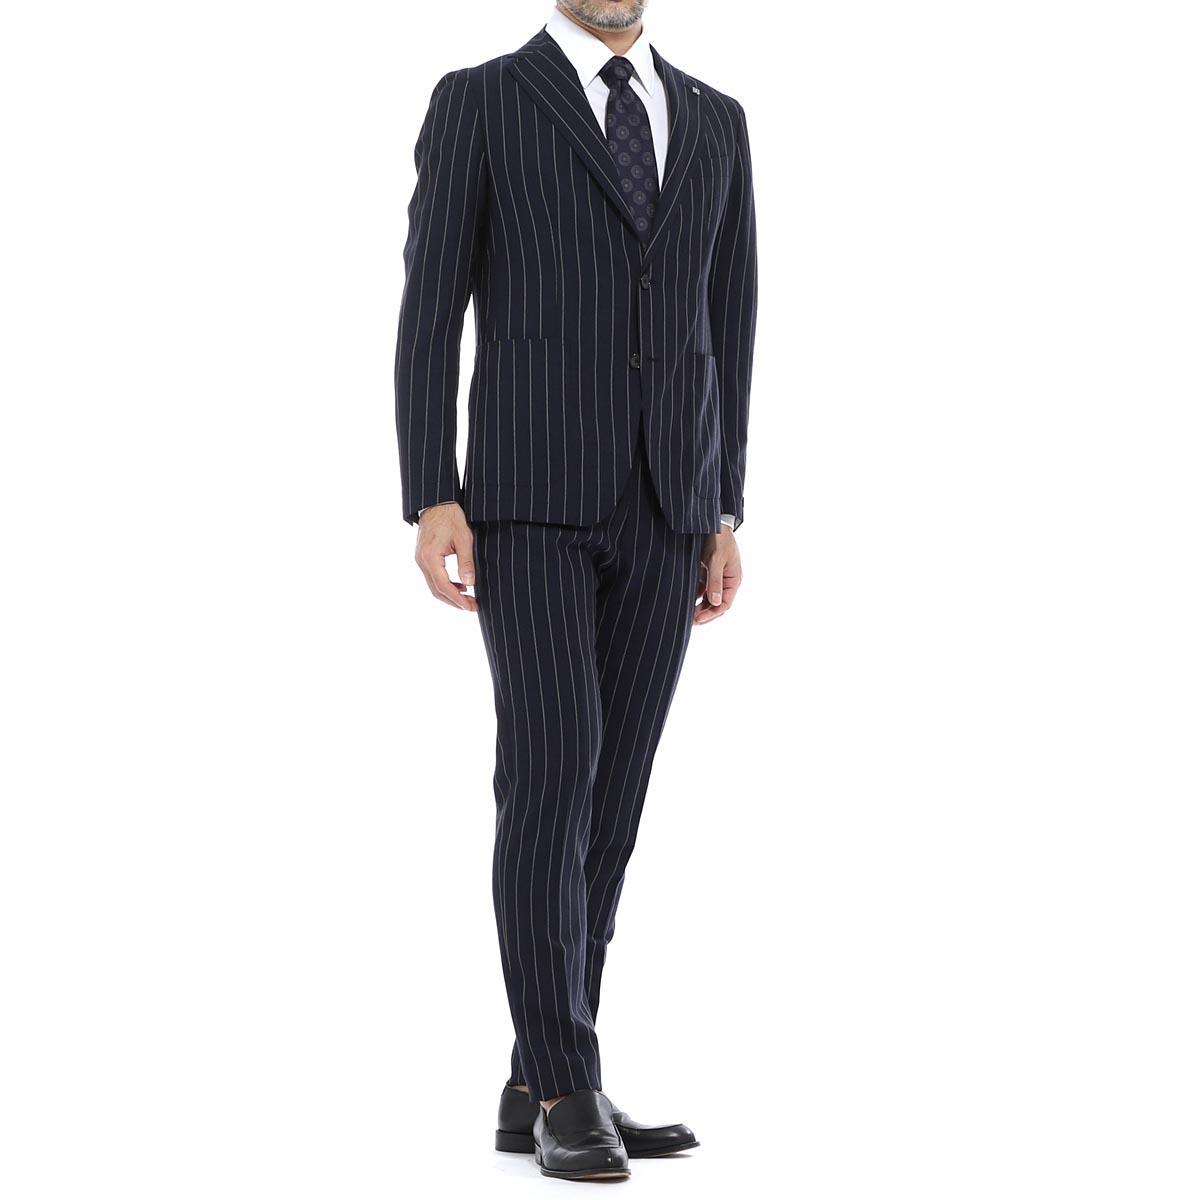 タリアトーレ TAGLIATORE 2つボタン スーツ ブルー メンズ 大きいサイズあり a dakar22k11 12rez334 b1386 DAKER ダカール【あす楽対応_関東】【返品送料無料】